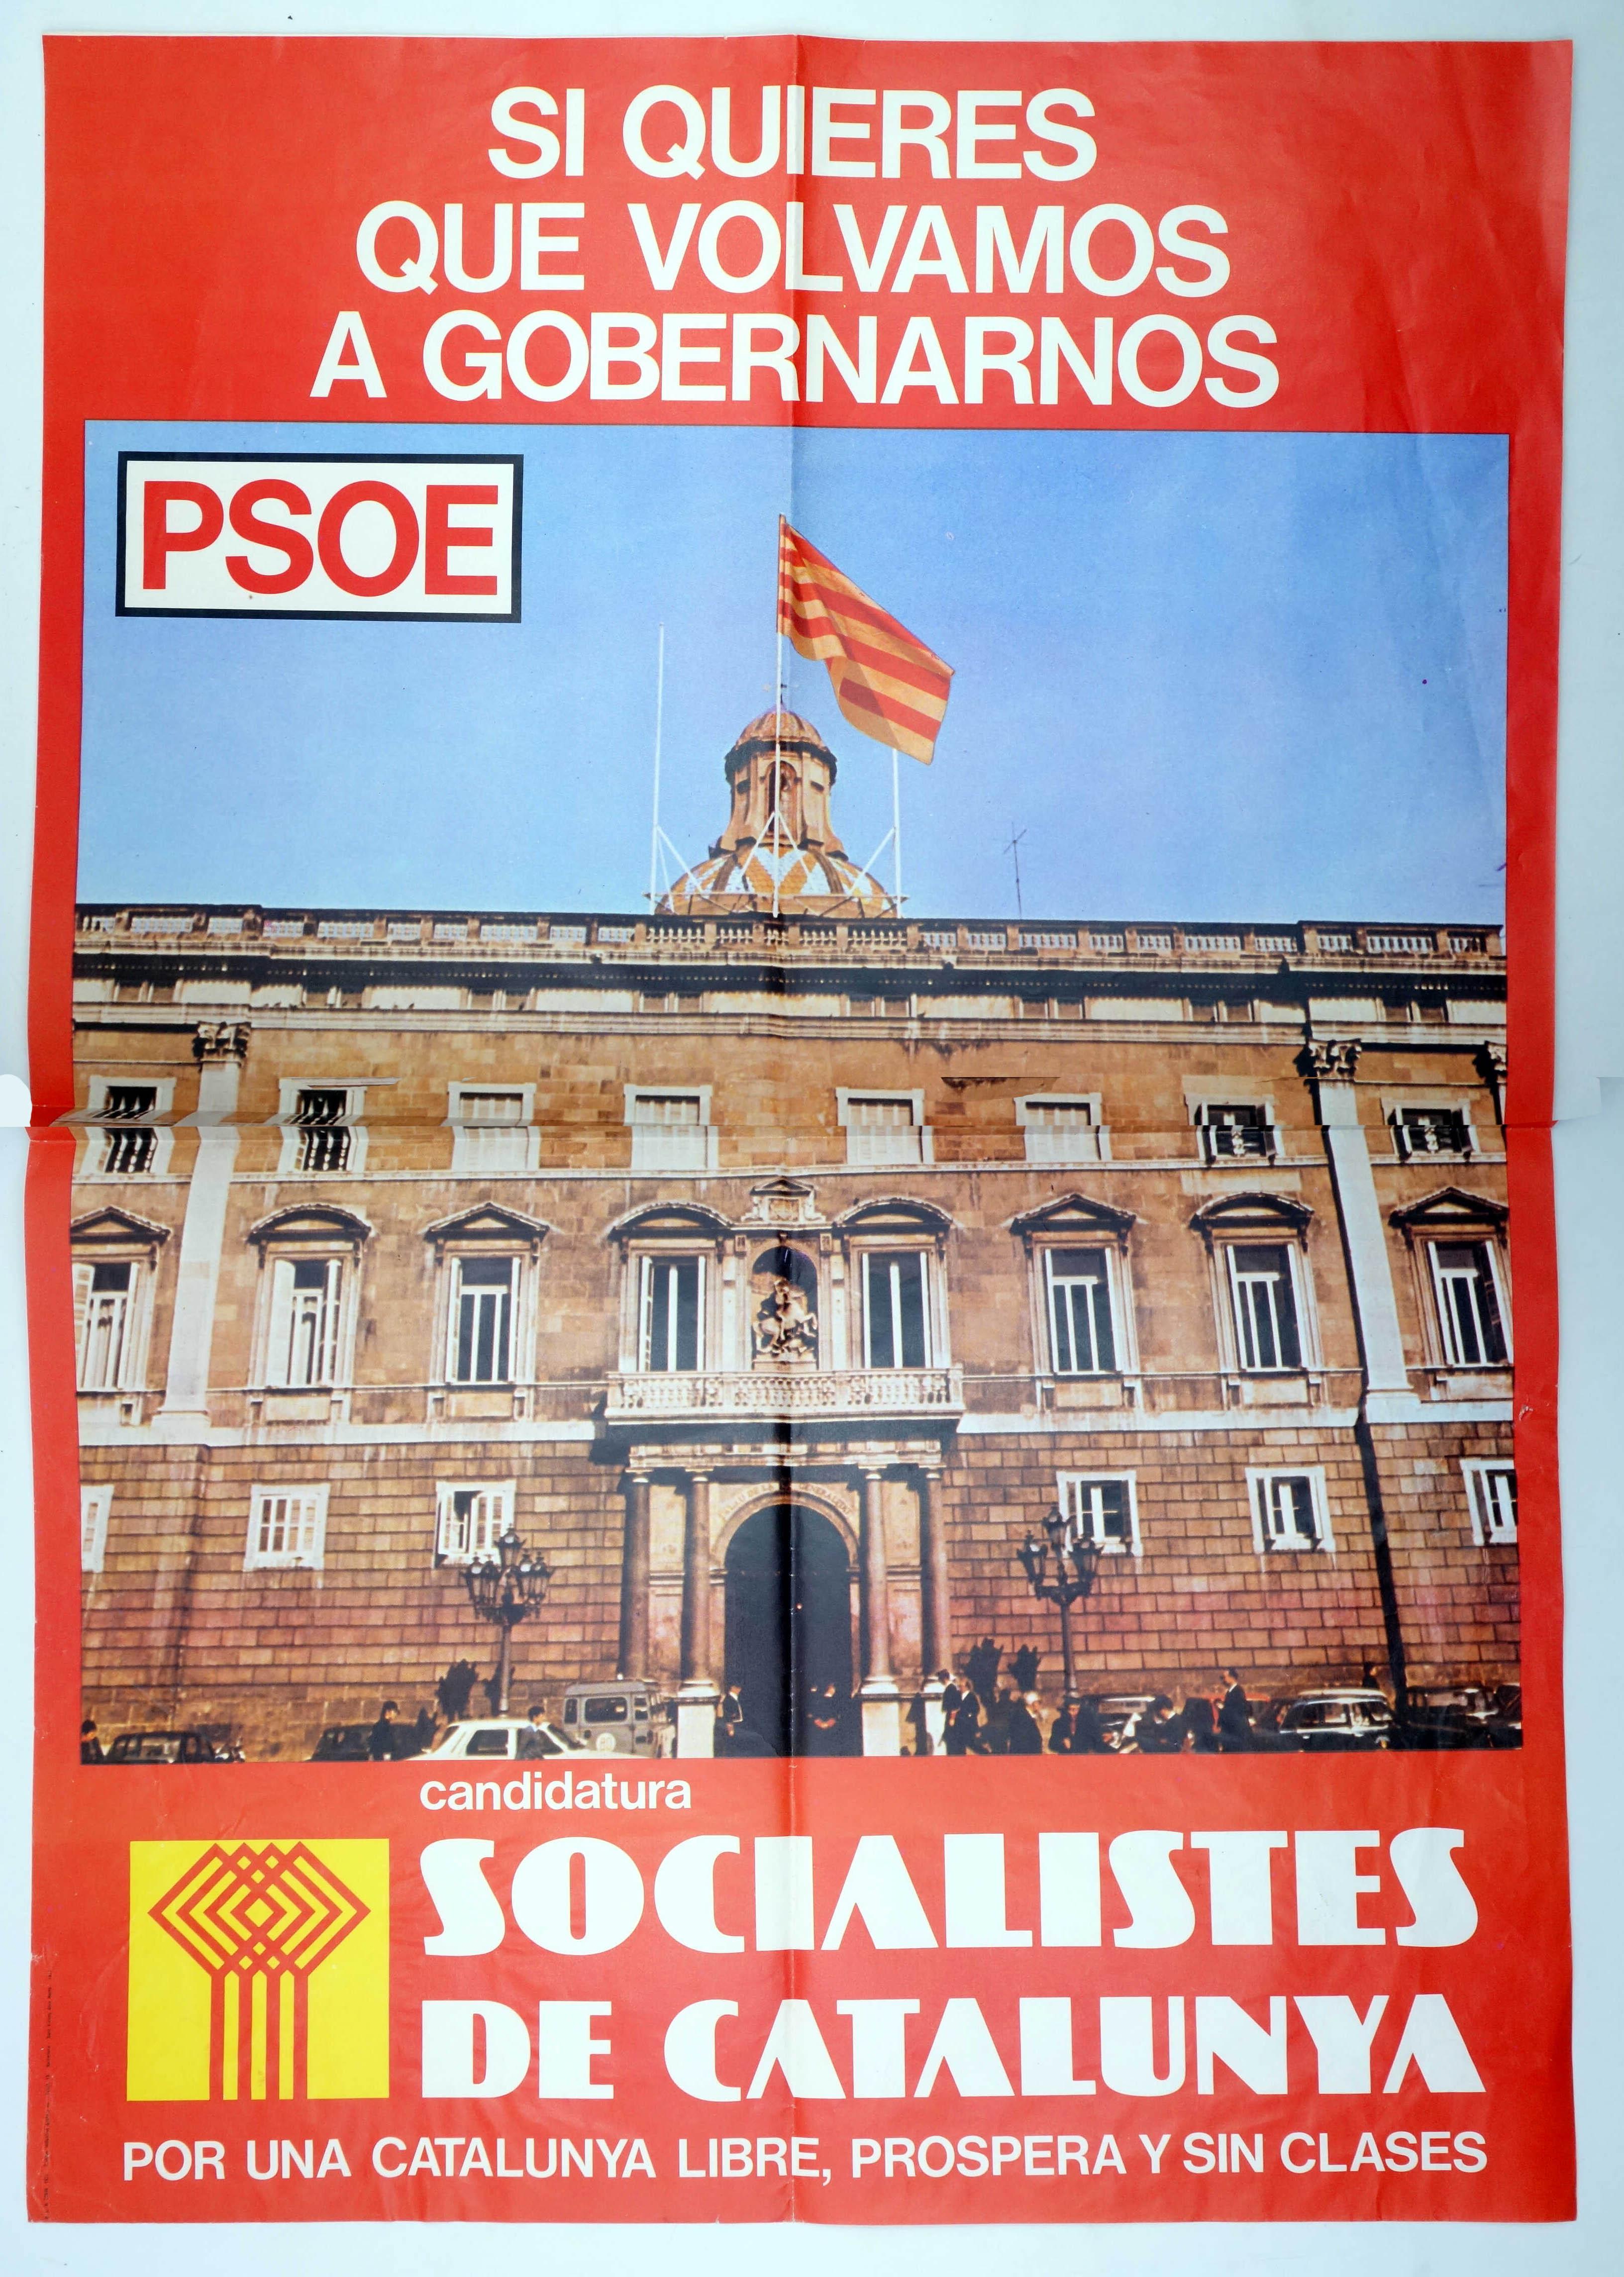 CARTEL ELECTORAL. PSOE SI QUIERES QUE VOLVAMOS A GOBERNARNOS. SOCIALISTES DE CATALUNYA. 47x67,5